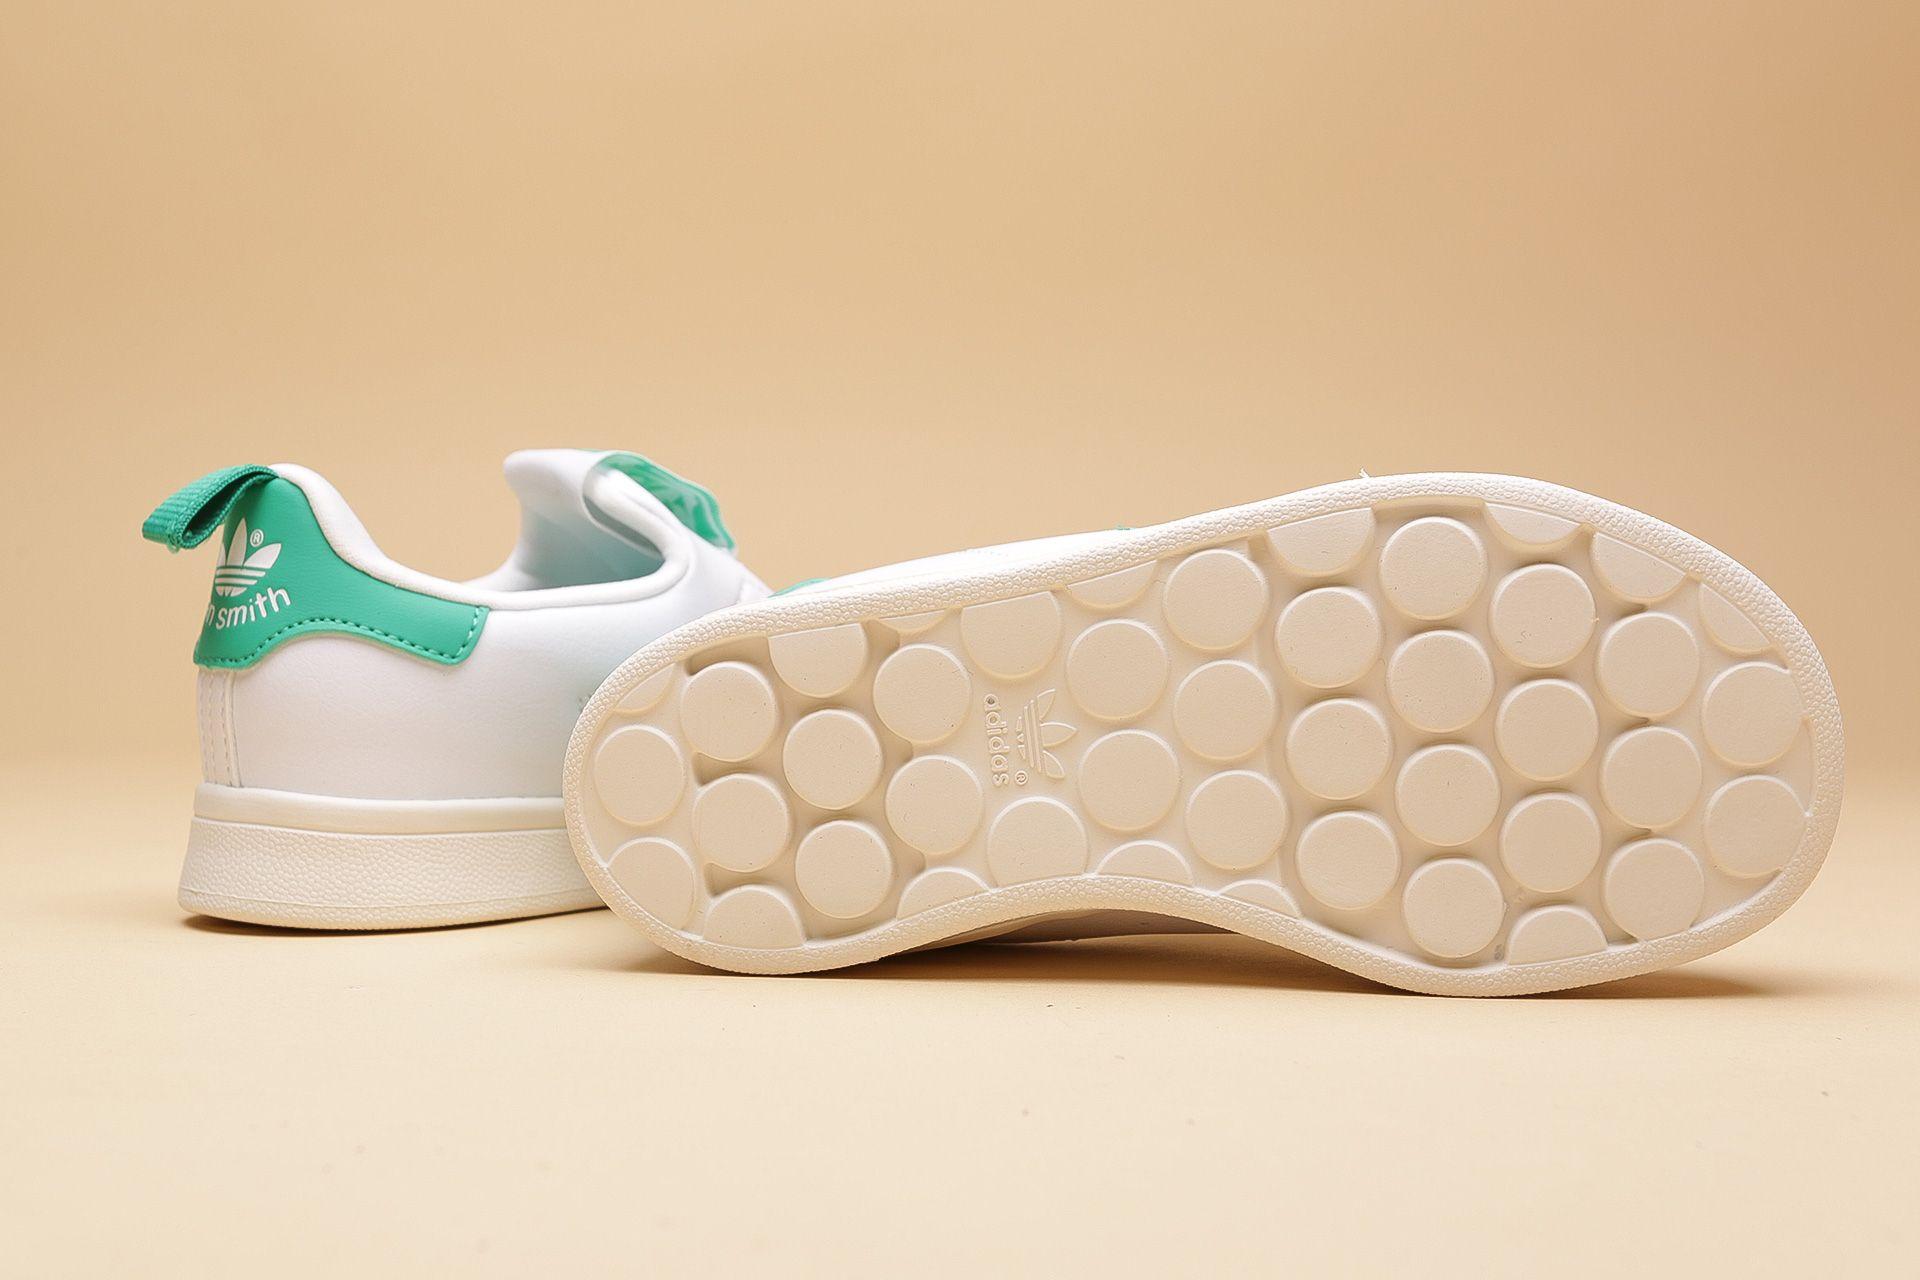 c5c47874 ... Купить детские белые кроссовки adidas Originals Stan Smith 360 C - фото  5 картинки